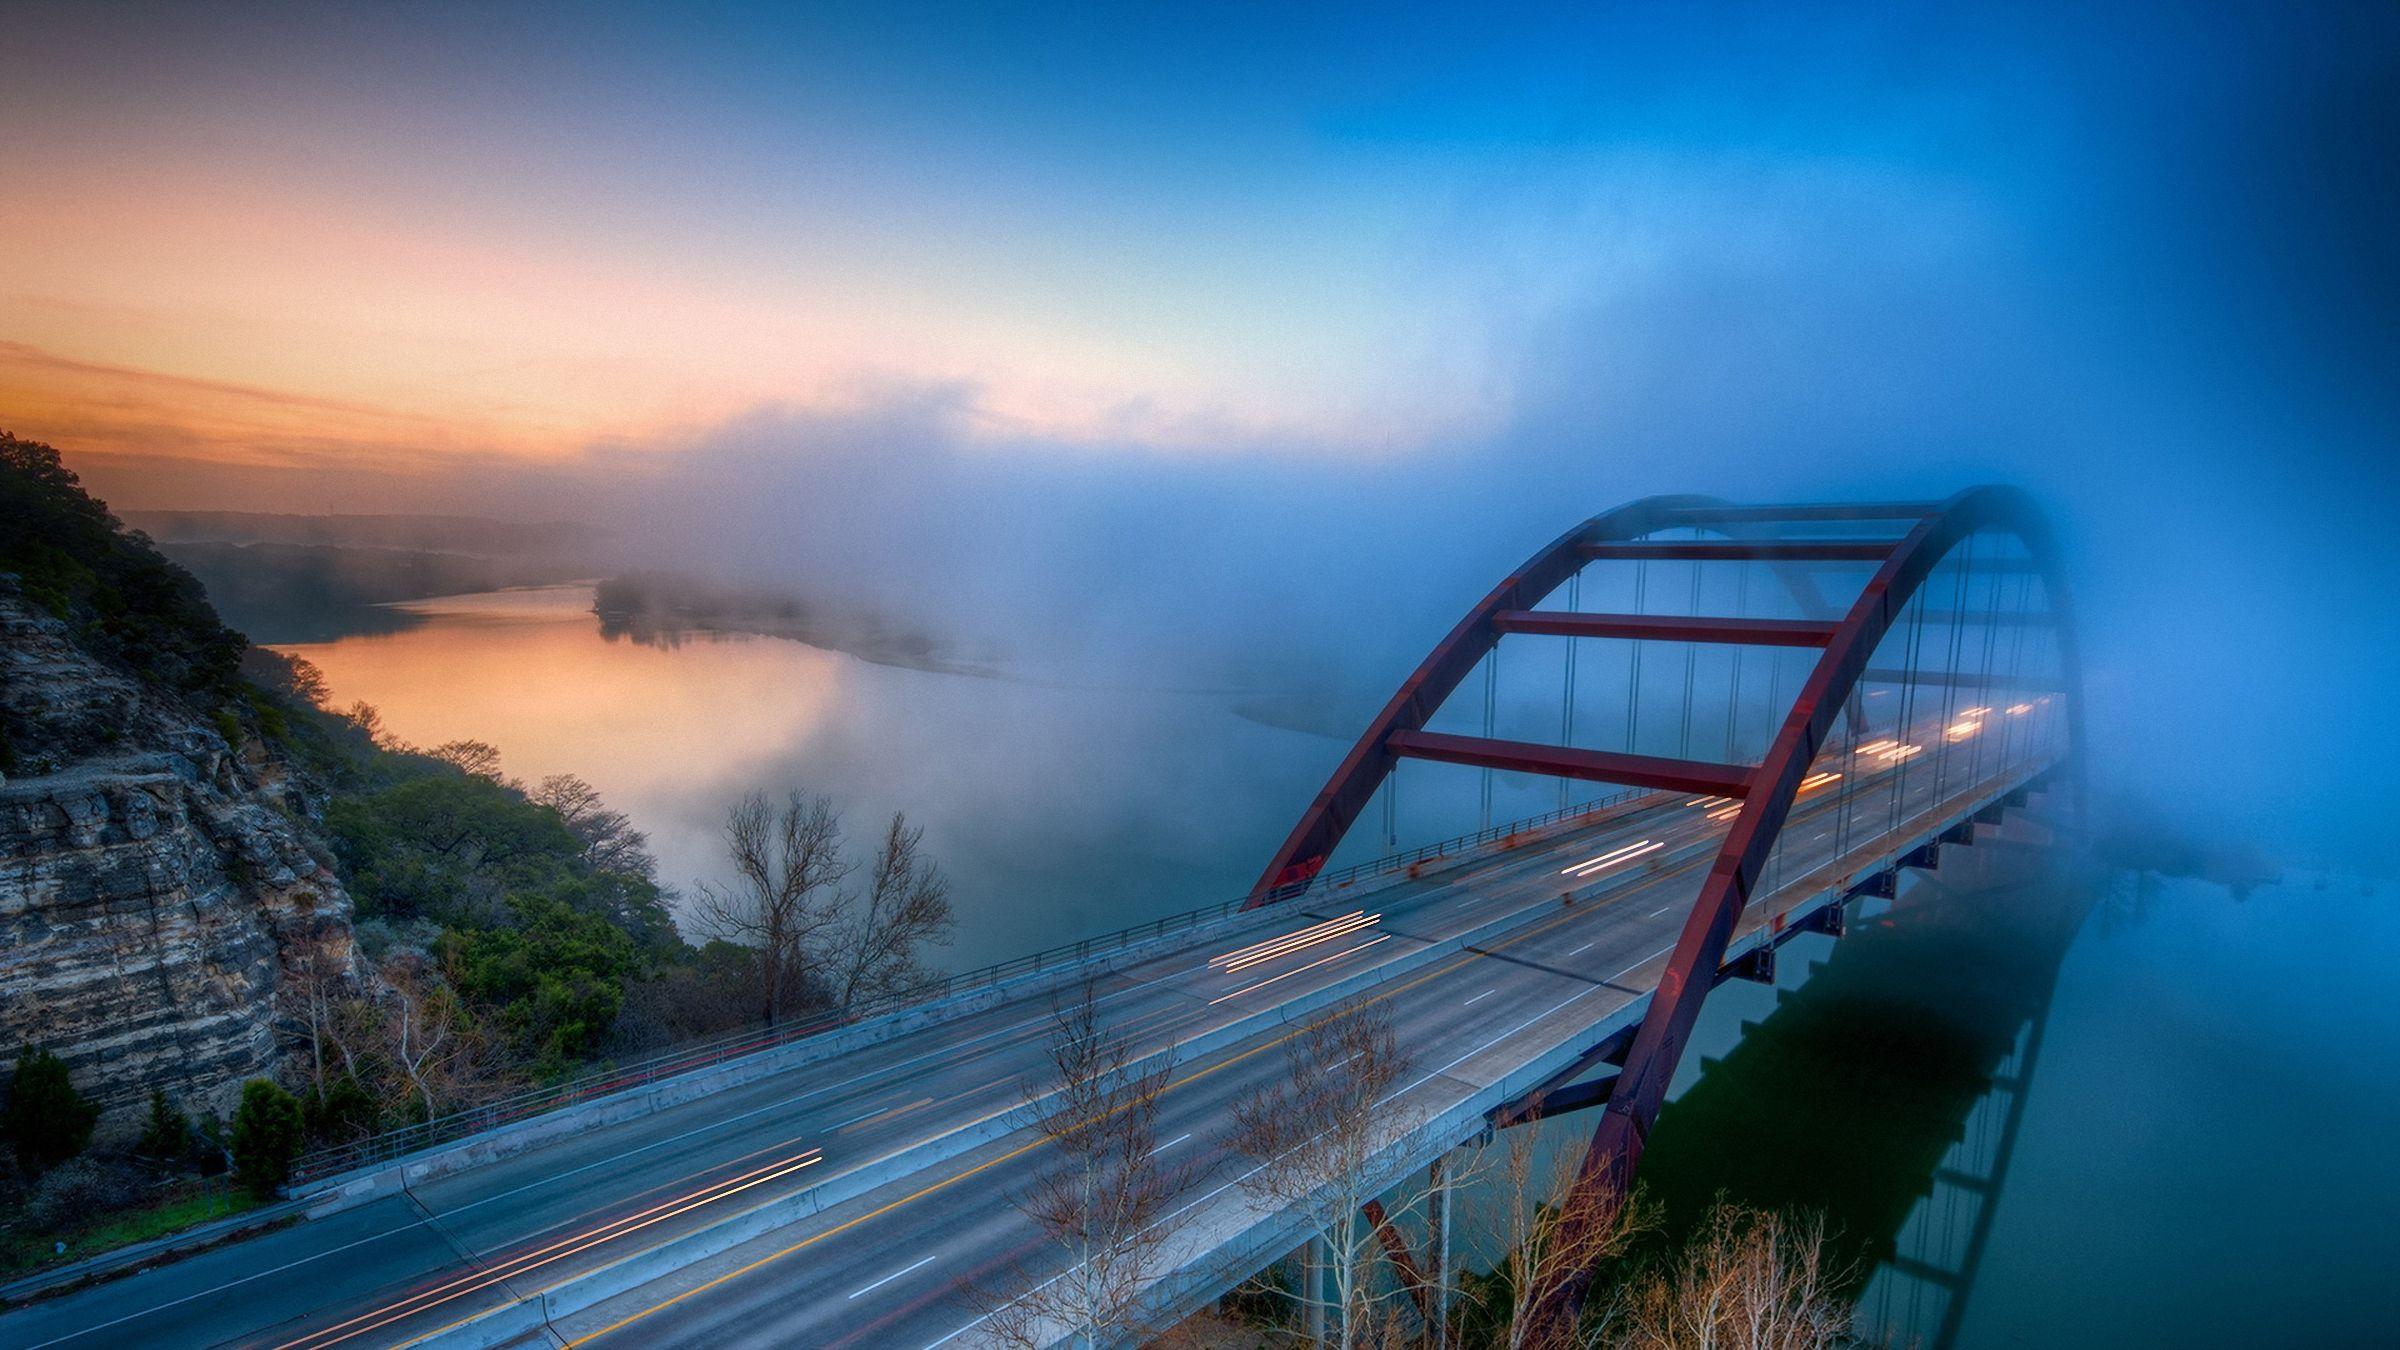 Мост над дорогой  № 2225367 без смс